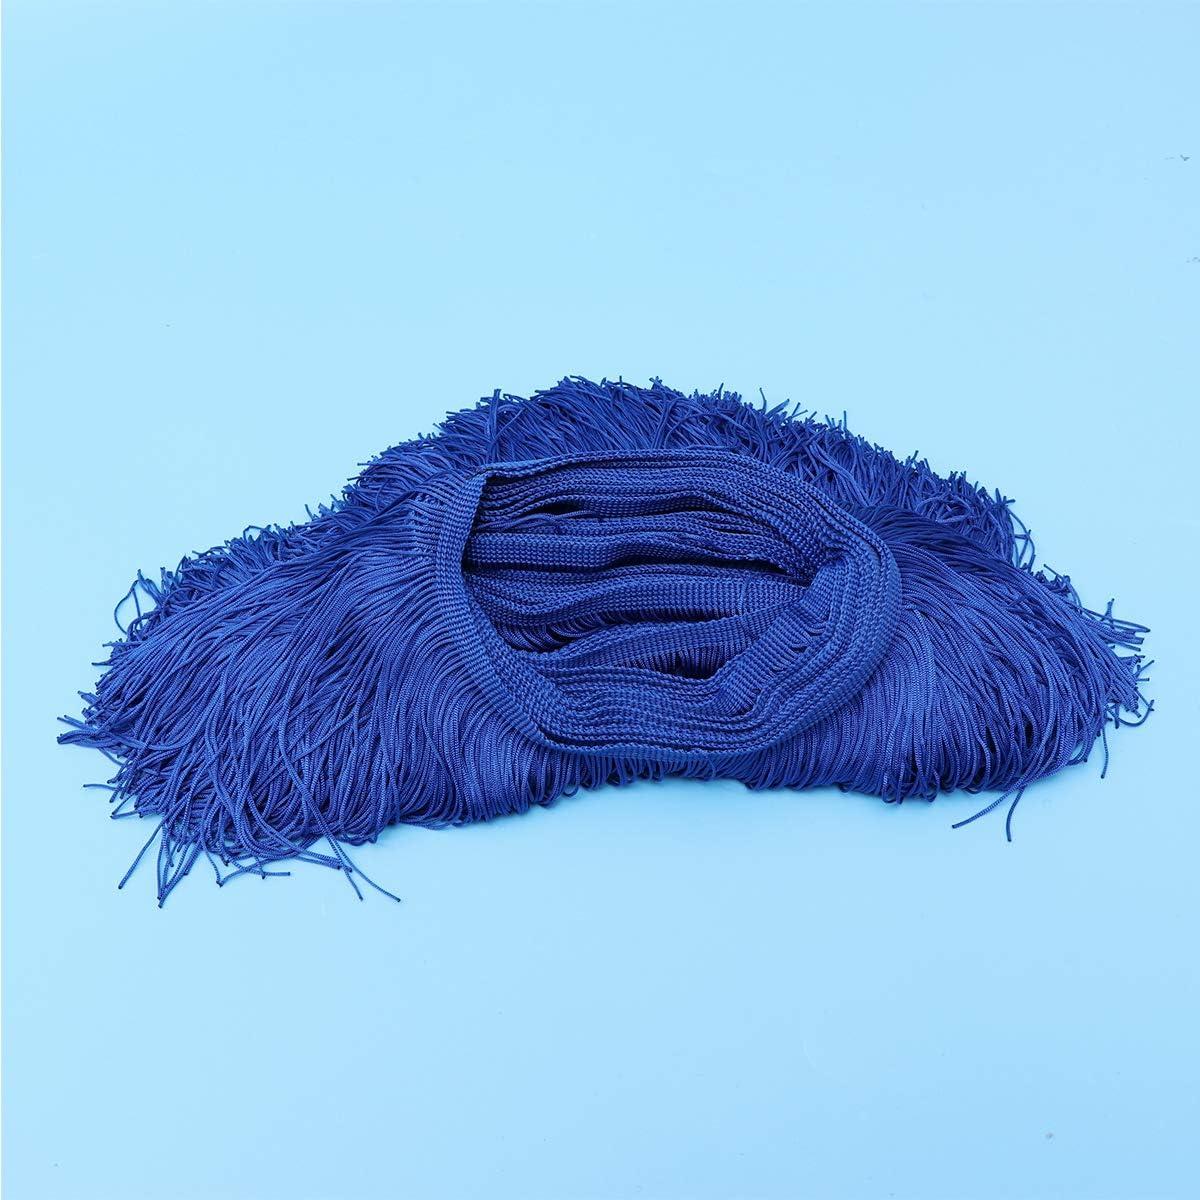 SUPVOX Borde de encaje Borde de fibra de poli/éster de encaje 6 pulgadas de ancho 10 yardas de largo para accesorios de ropa Vestido de boda latino craft DIY L/ámpara Sombra Decoraci/ón azul